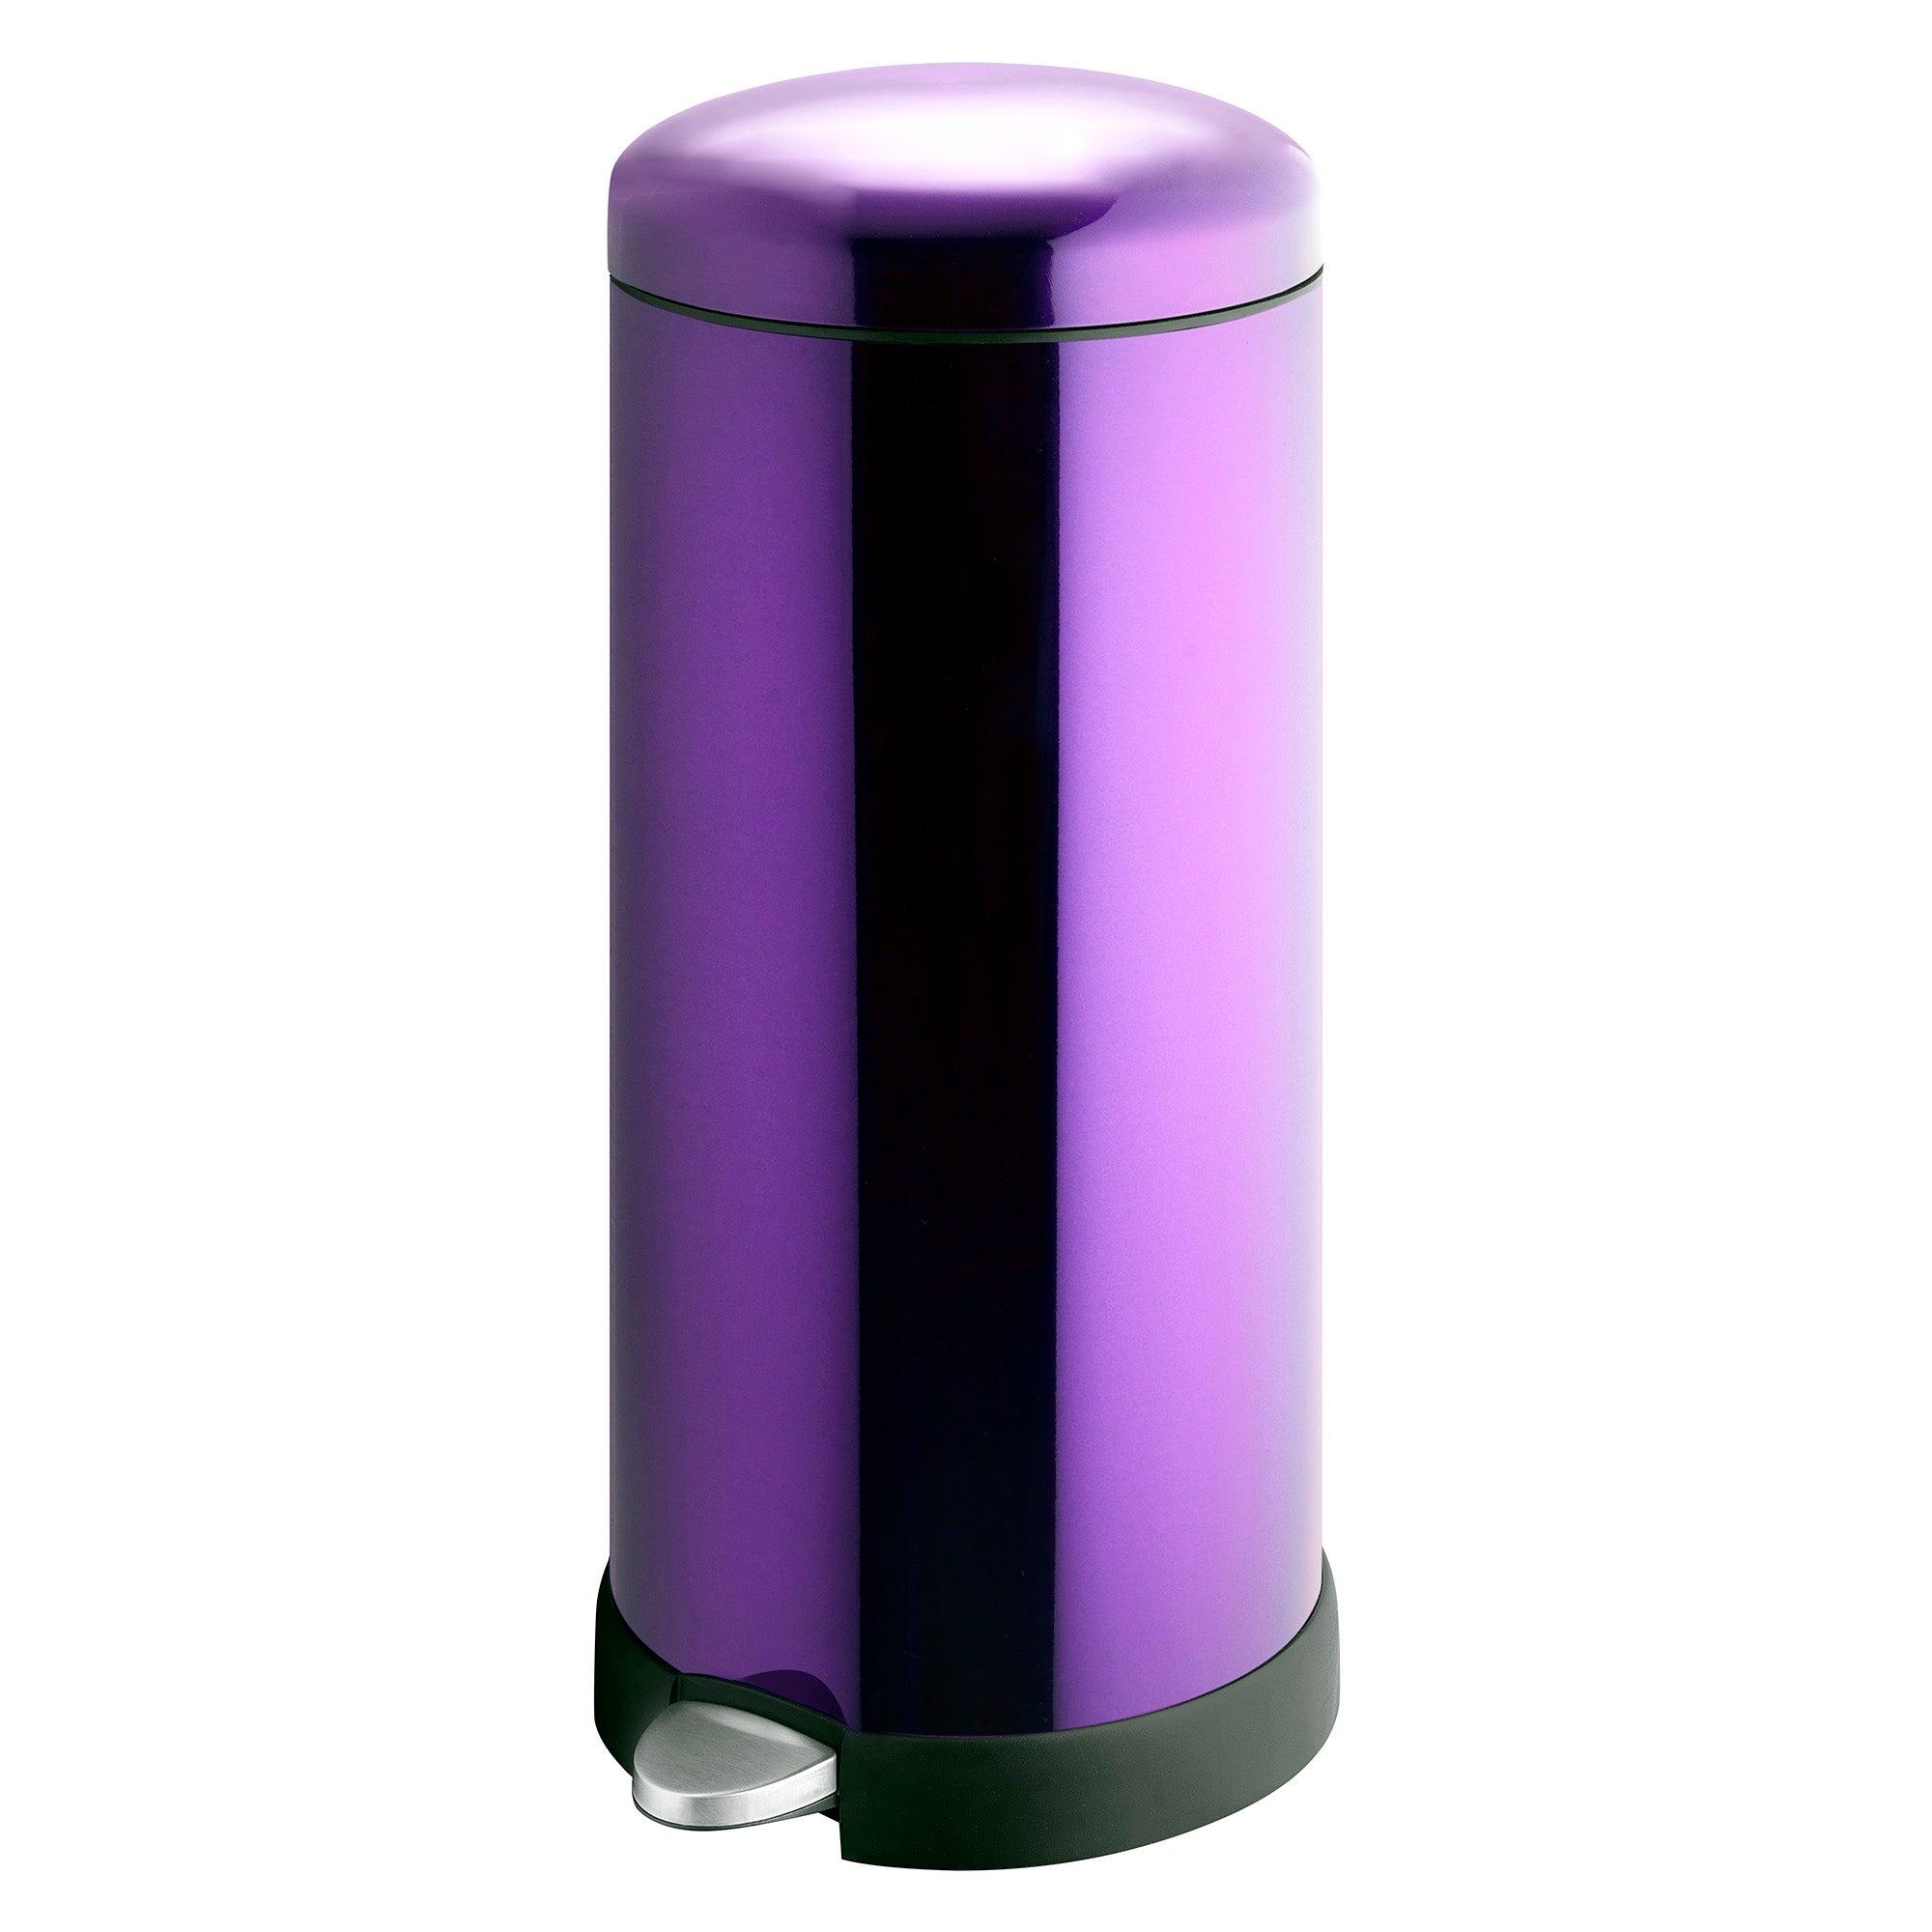 Spectrum Purple 30 Litre Pedal Bin Purple